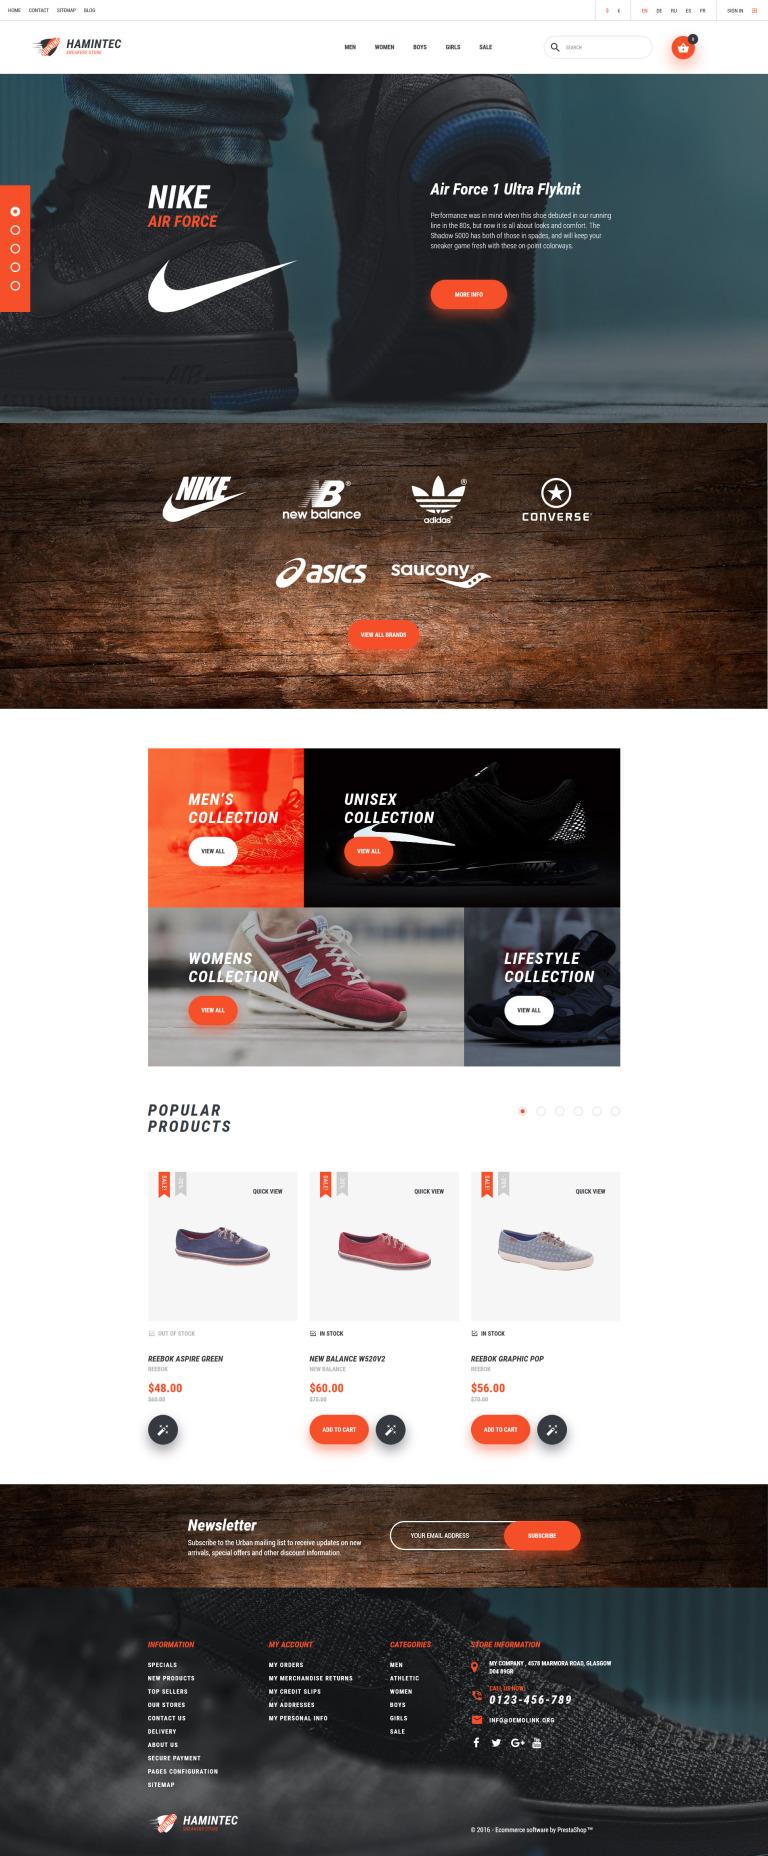 Hamintec - Sneakers Store PrestaShop Theme New Screenshots BIG